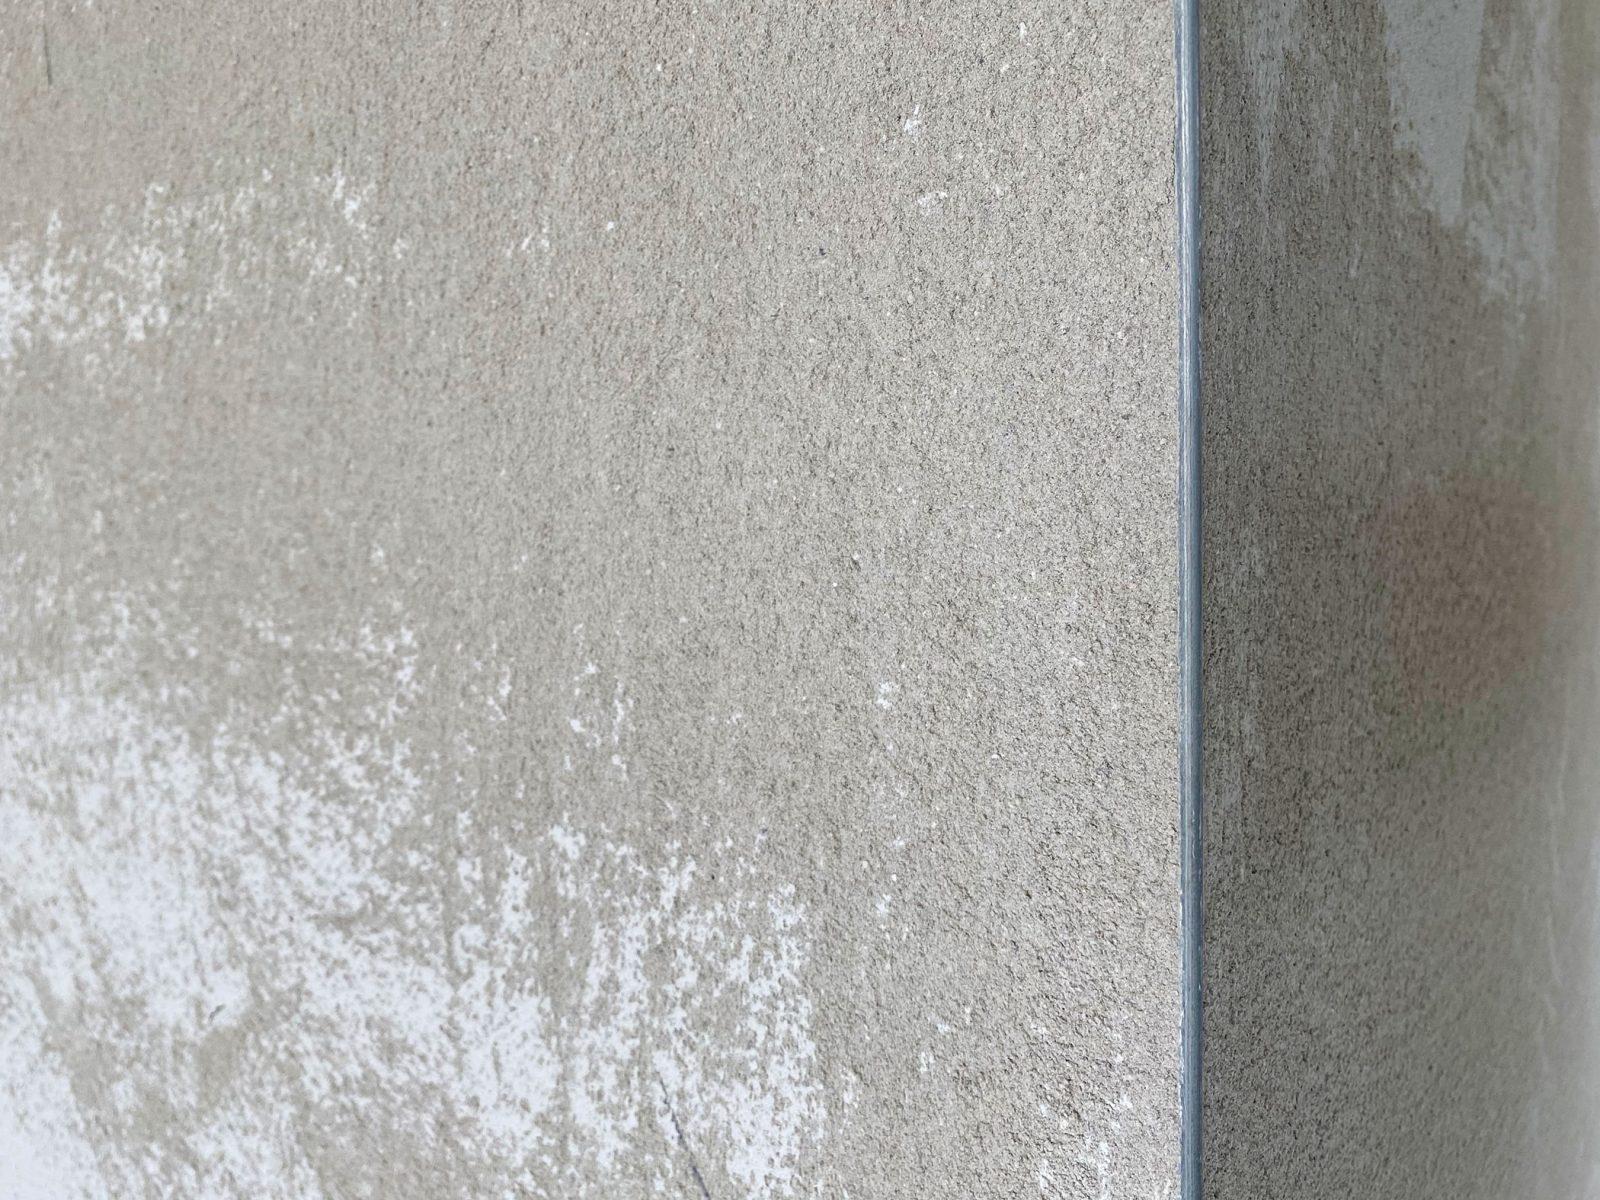 Innenputz-EFH-Triebes-KBF-Eschrich-Bau_0331